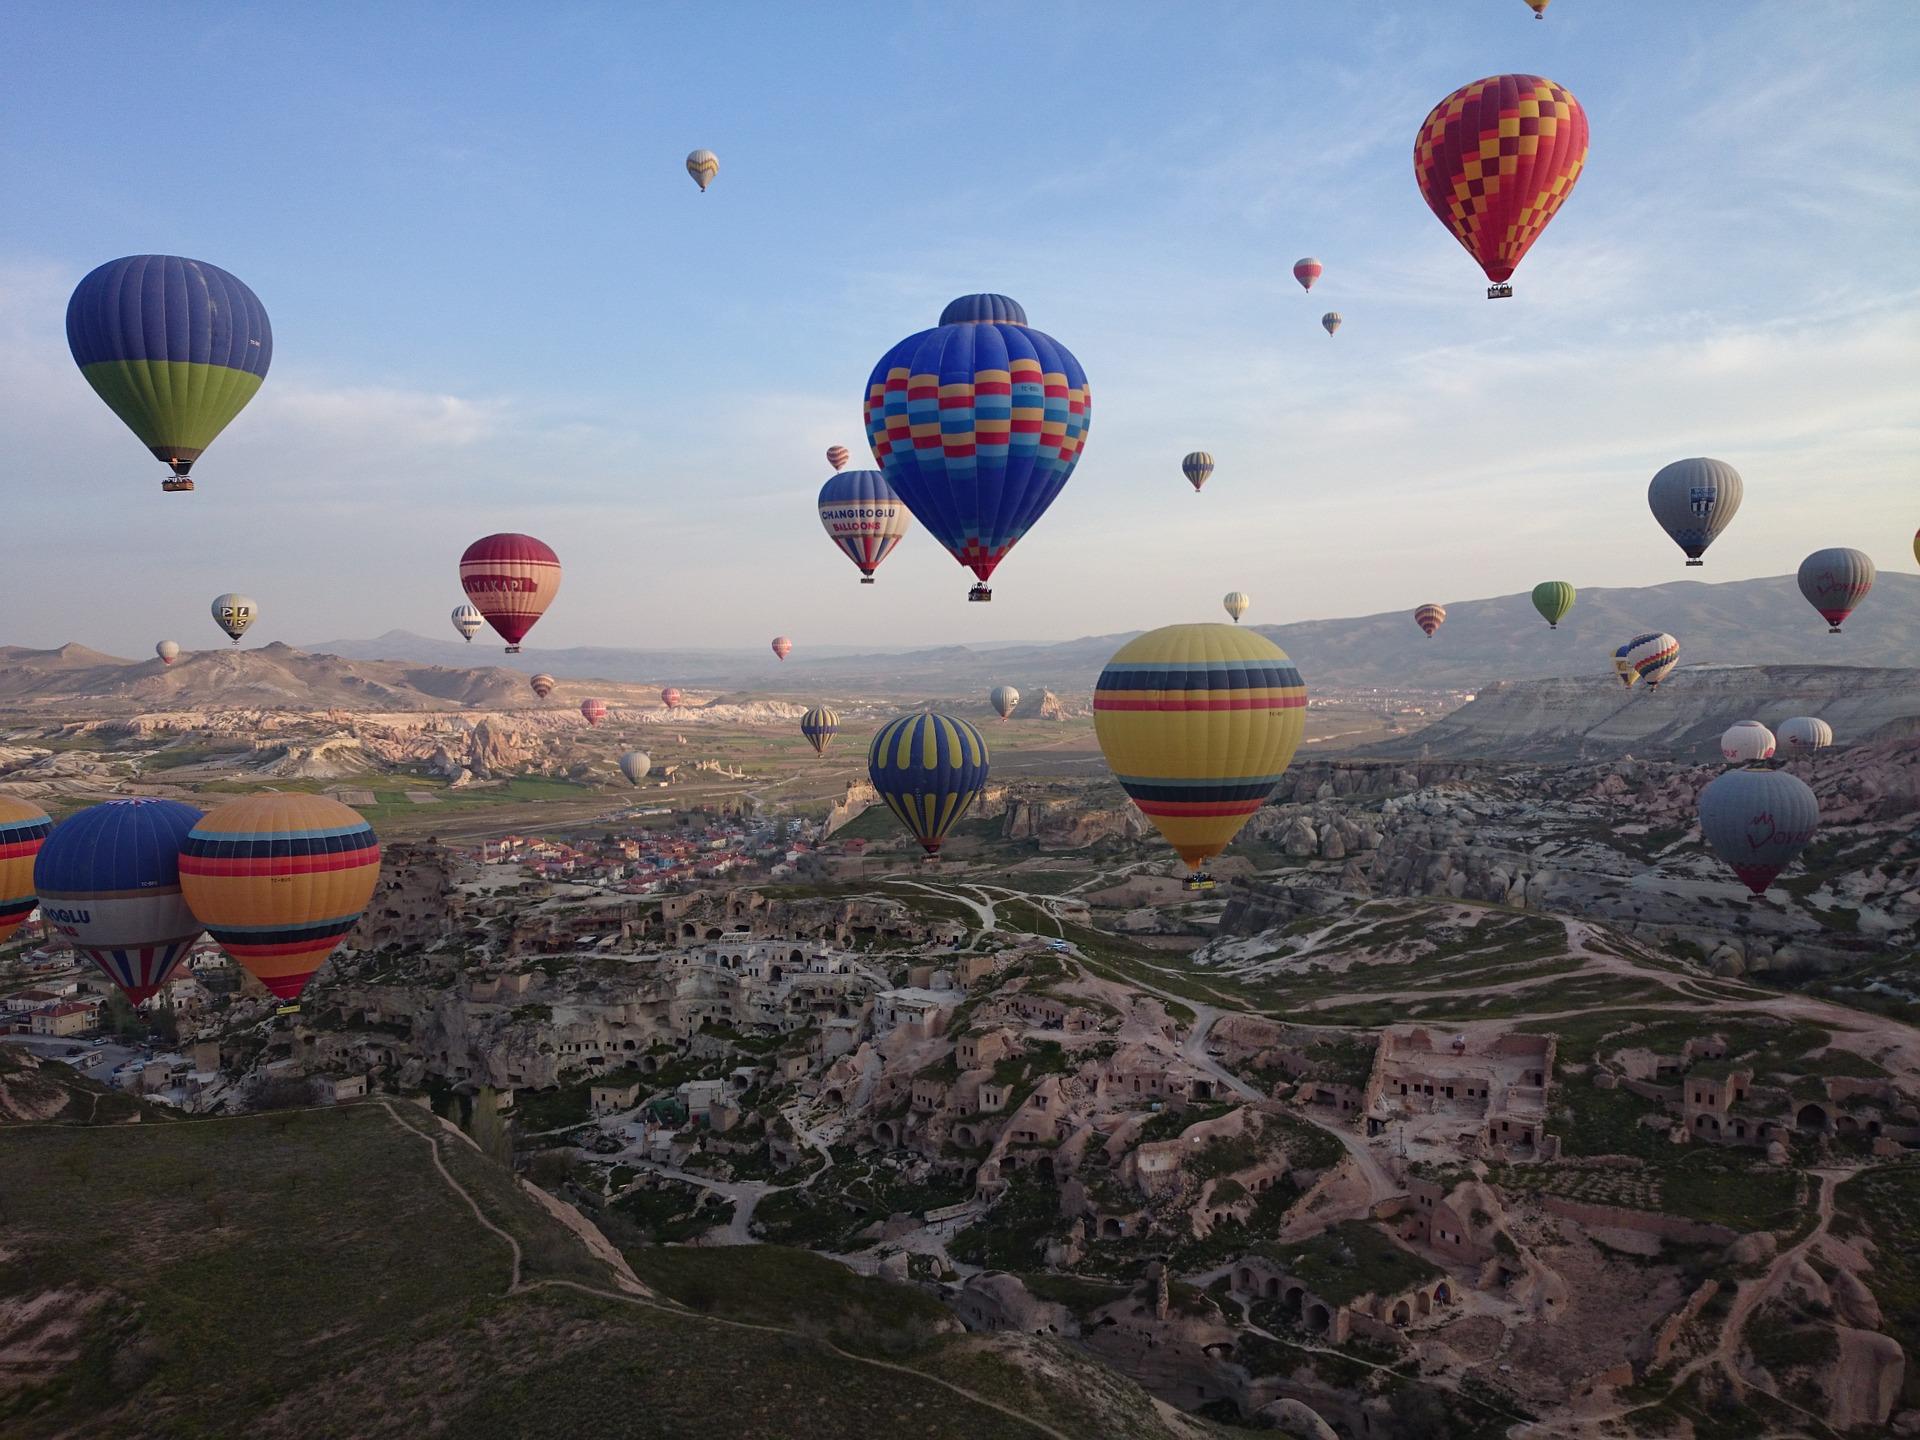 luftballonsfestival i kappadokien, festival kappadokien, festival cappadocia, luftballon kappadokien, luftballon cappadocia, oplevelser i Kappadokien, seværdigheder i kappadokien